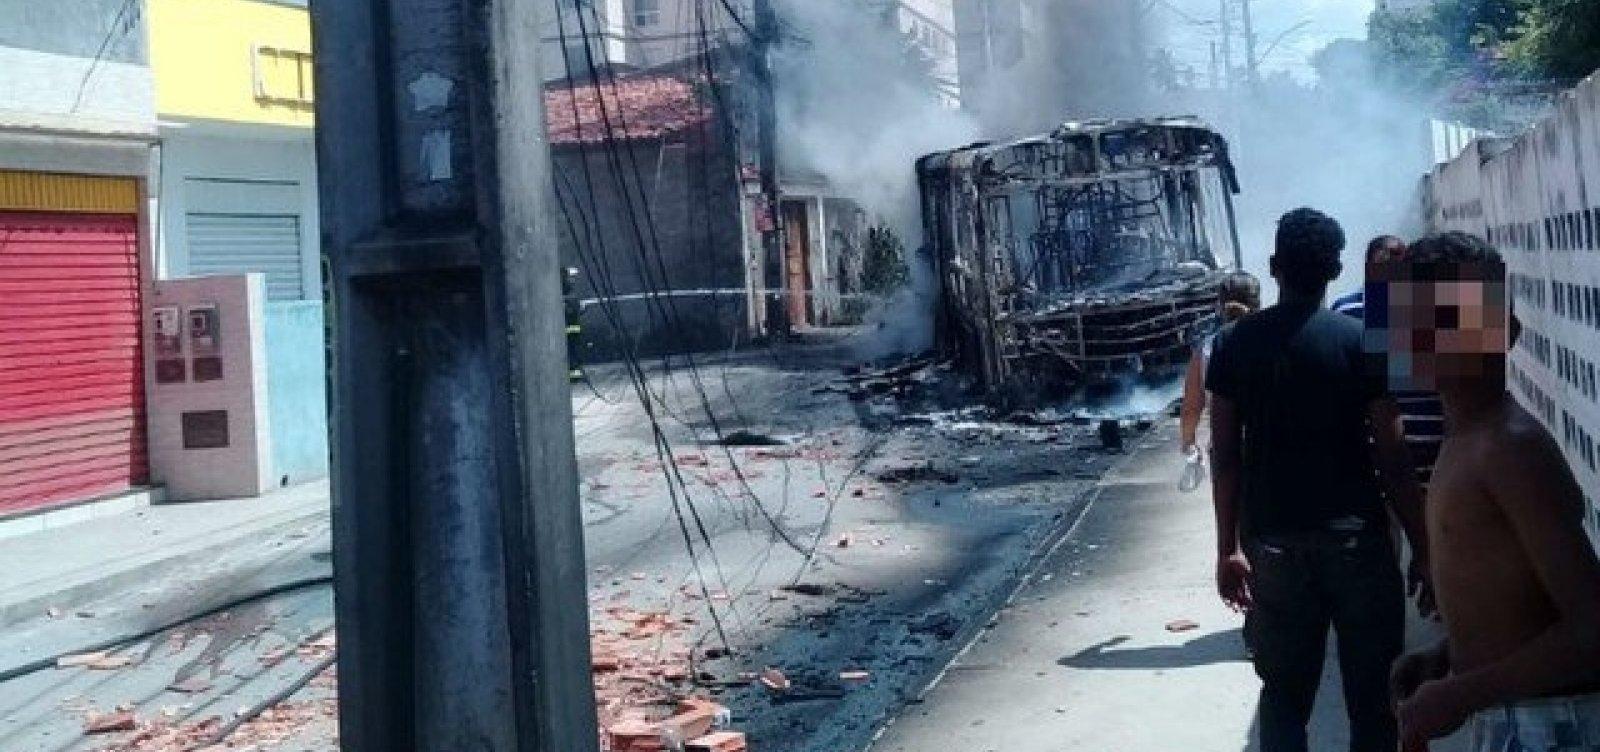 [Ônibus continuam sem circular em rua do Jardim das Margaridas após incêndio em coletivo]